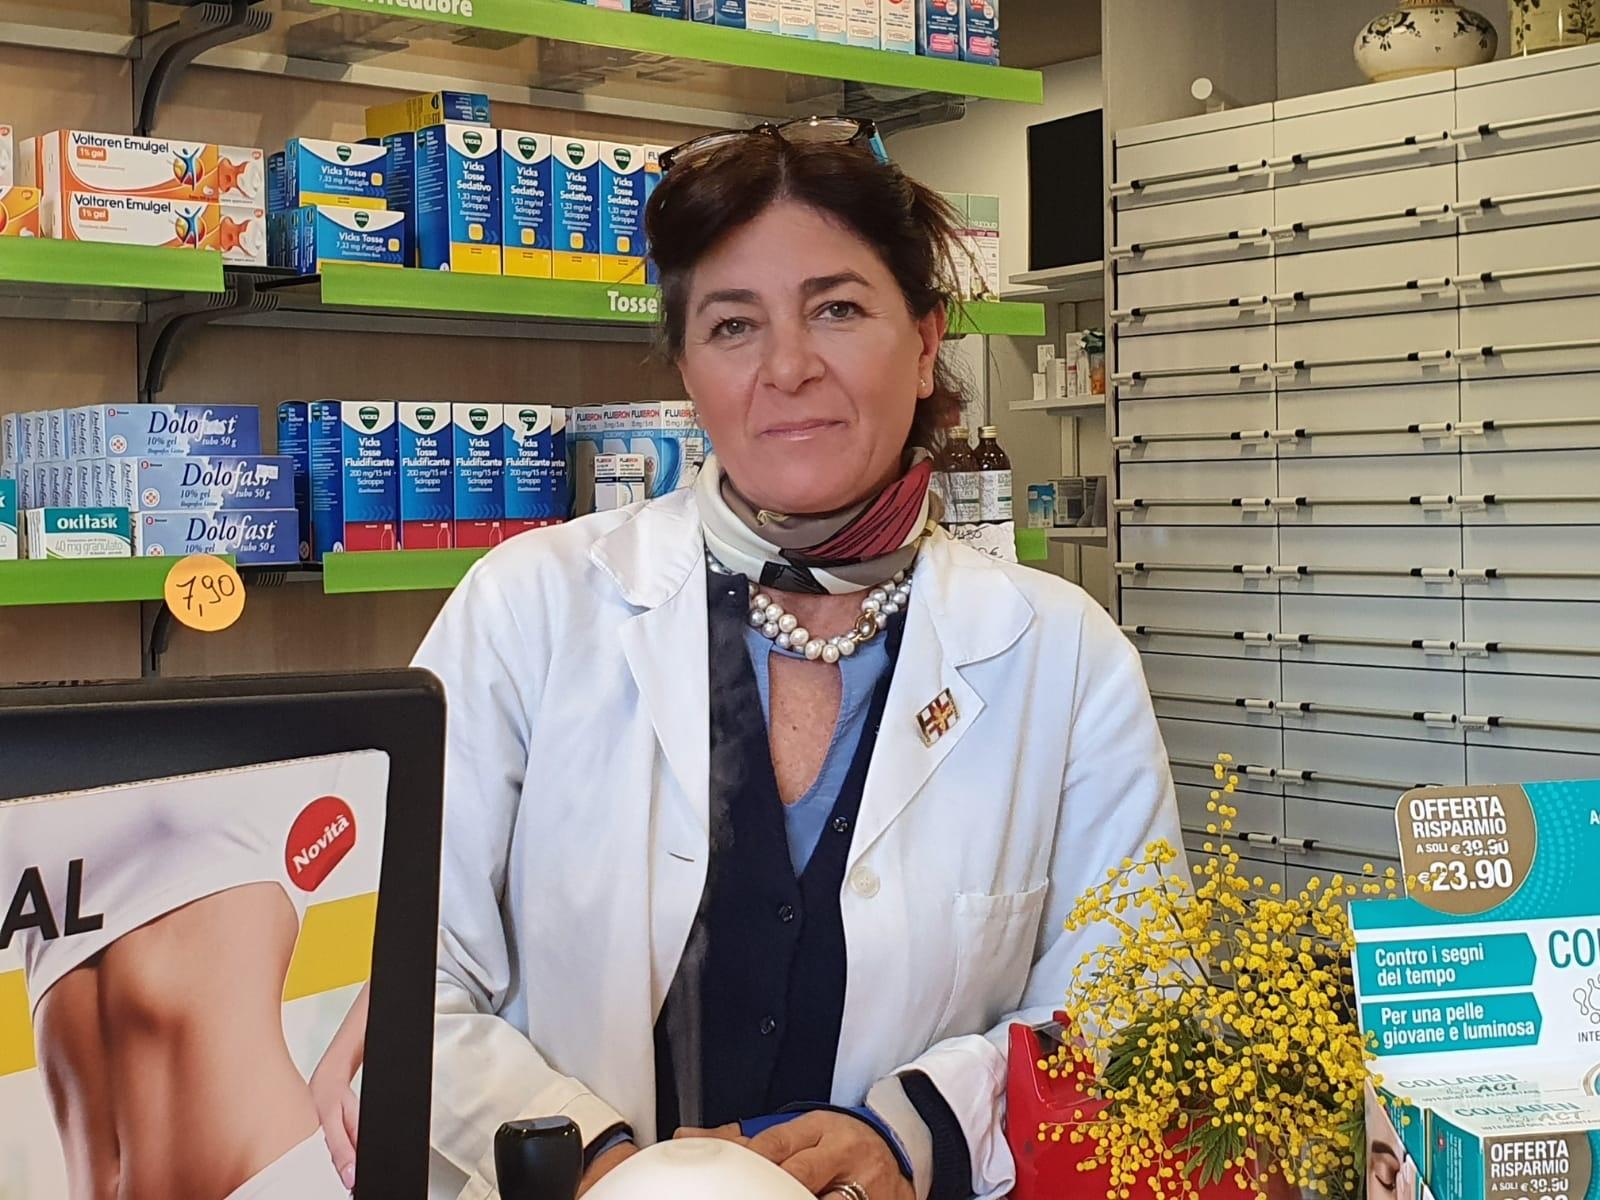 Noleggio di apparecchiature elettromedicali Farmacia Nuova Brianza